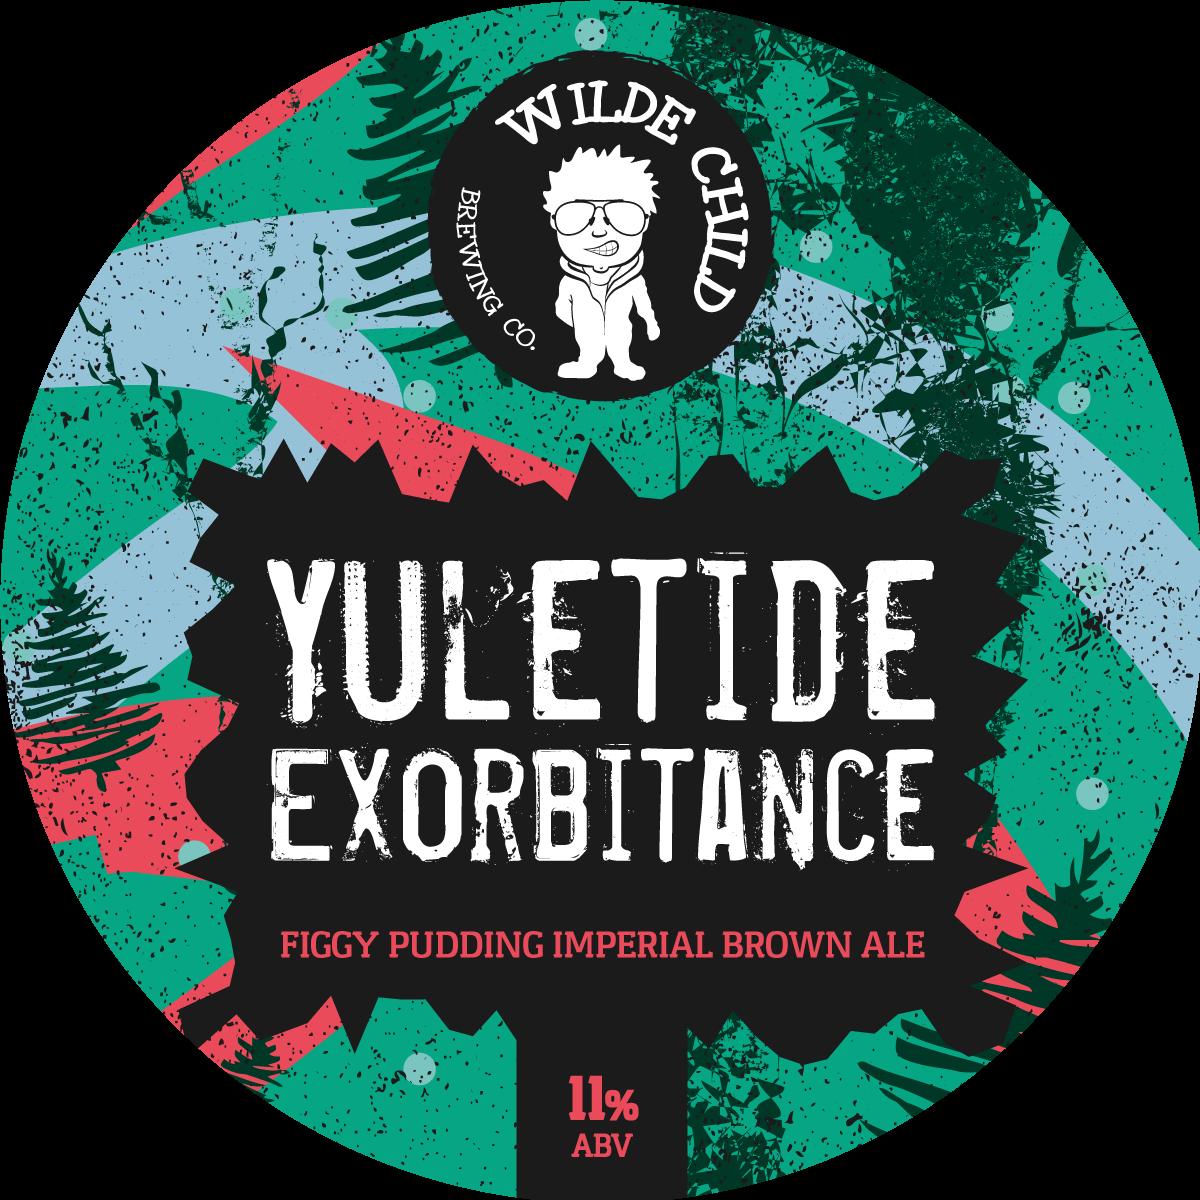 Yuletide-Exorbitance-Round